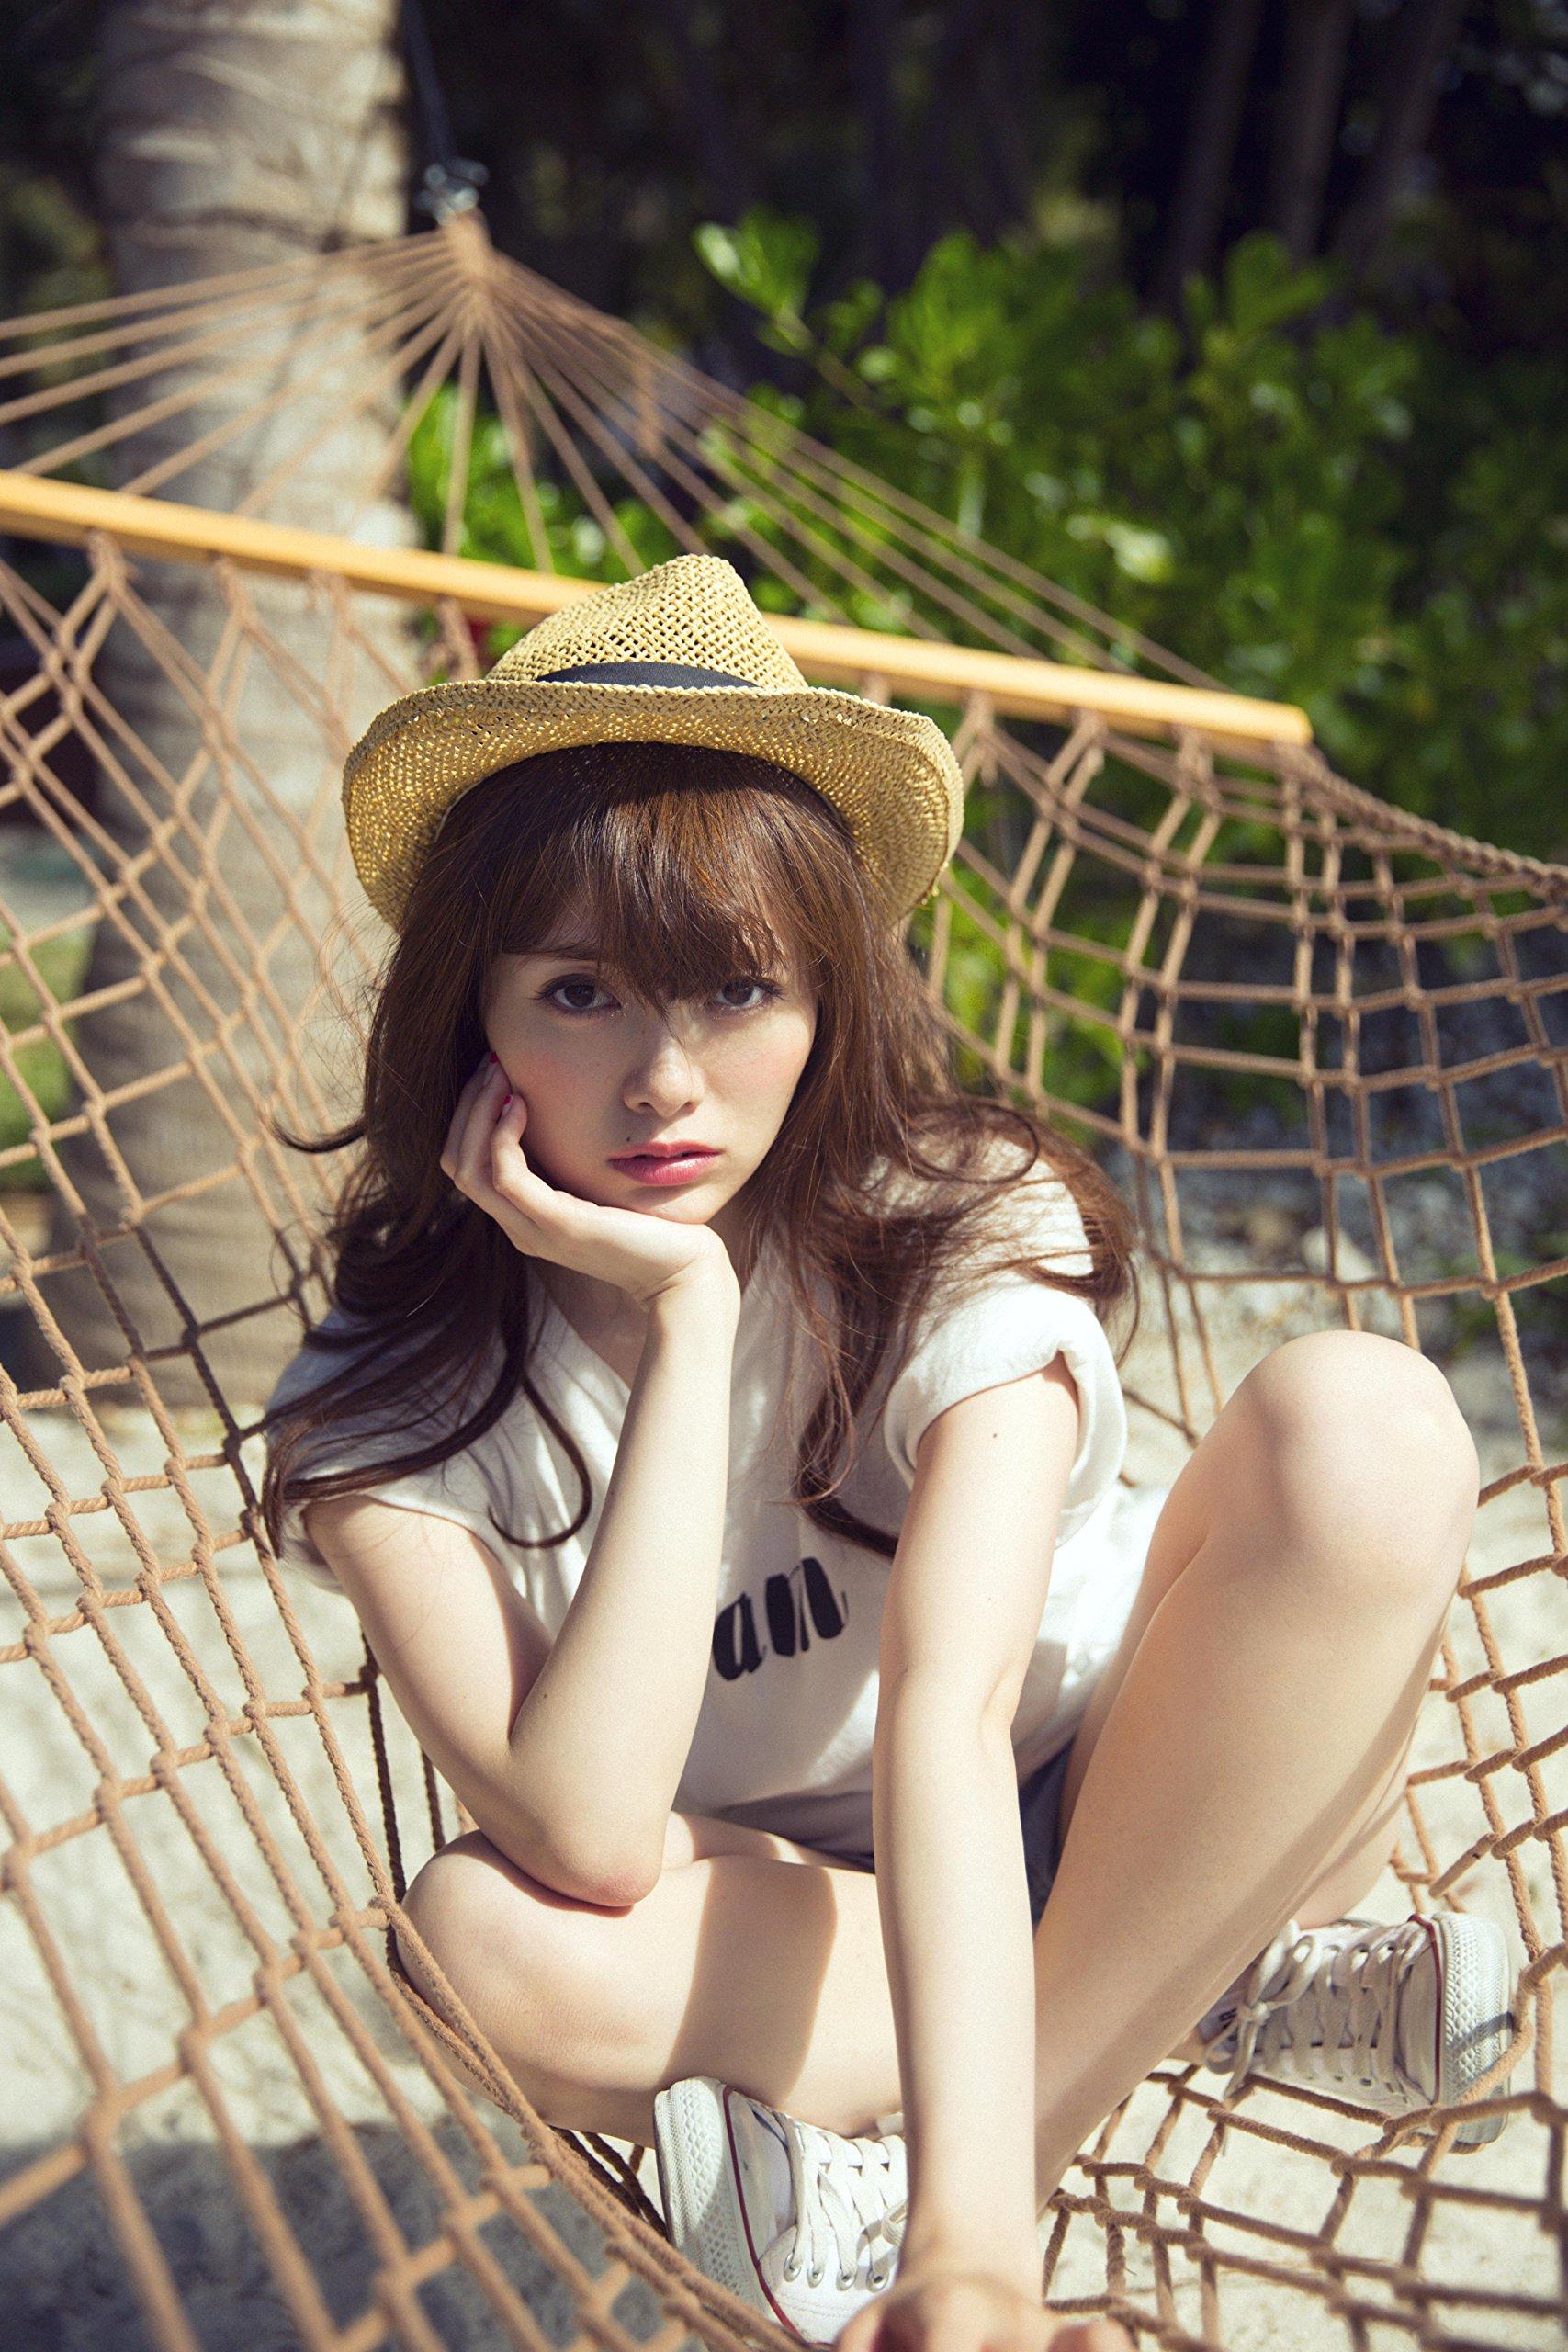 乃木坂46 白石麻衣1stフォトブック MAI STYLE (2)